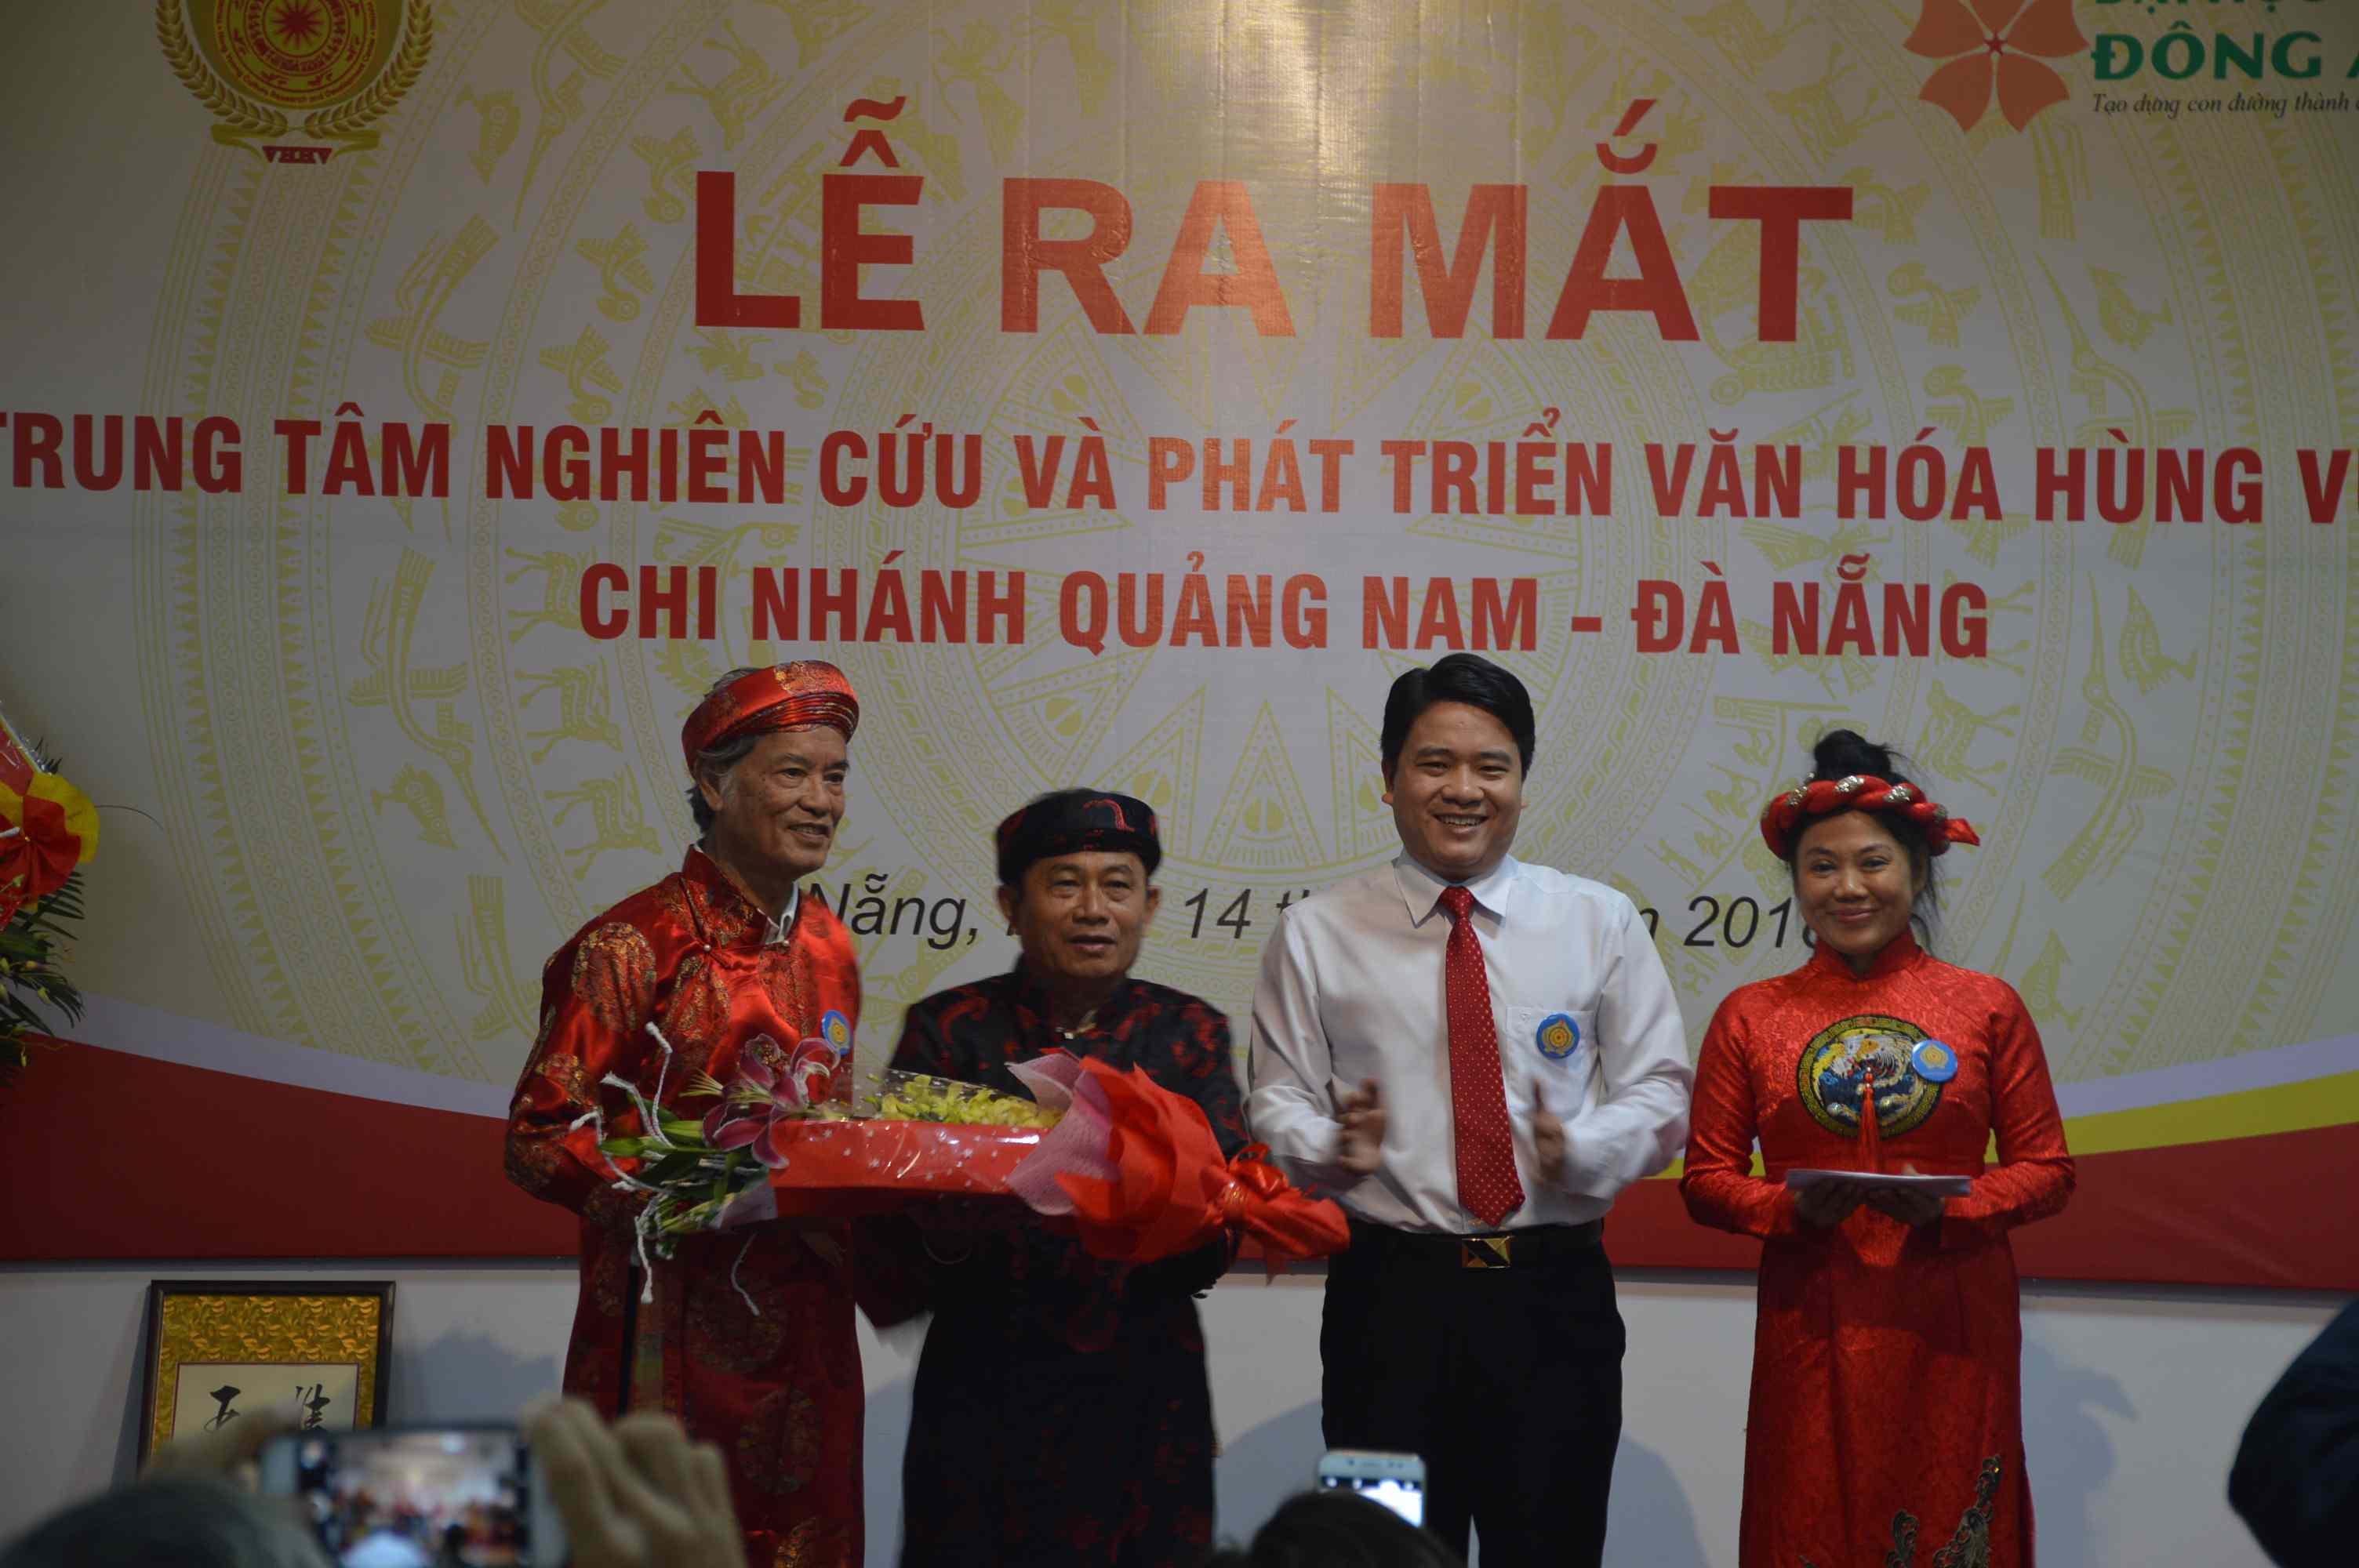 Phó Chủ tịch UBND tỉnh Trần Văn Tân tặng hoa và quà lưu niệm chúc mừng chi nhánh. Ảnh: Q.T